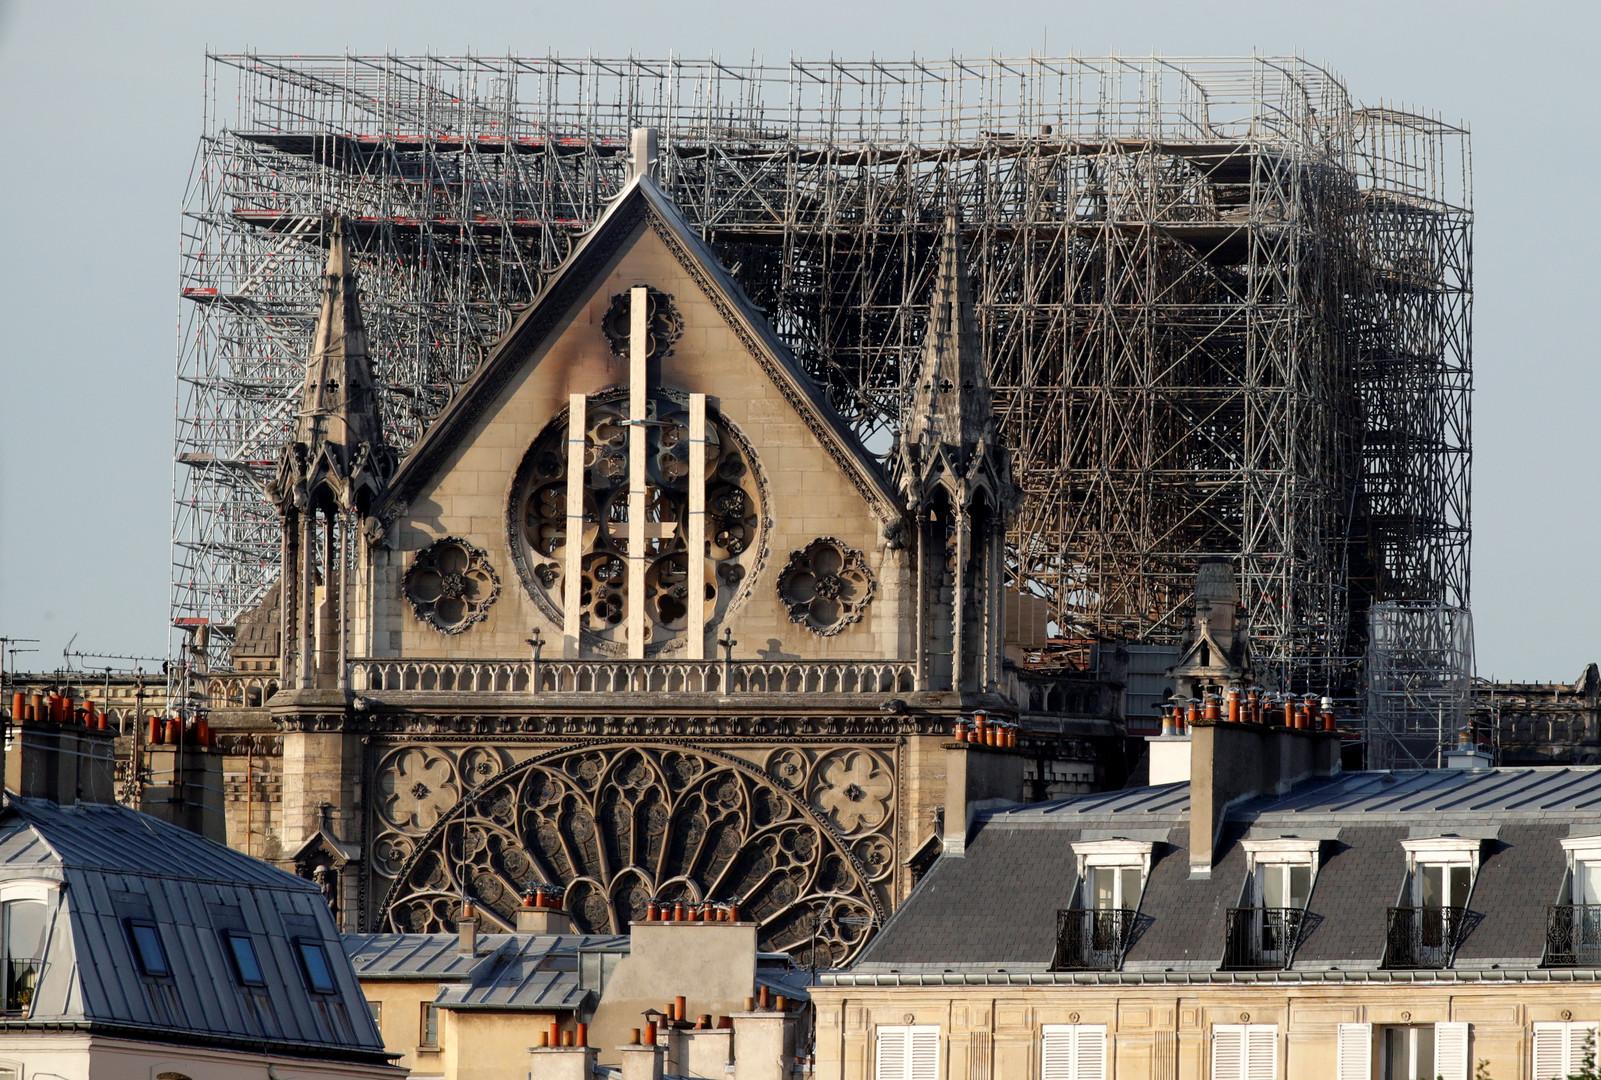 موسكو جاهزة لإرسال خبرائها للمشاركة في أعمال ترميم كاتدرائية نوتردام